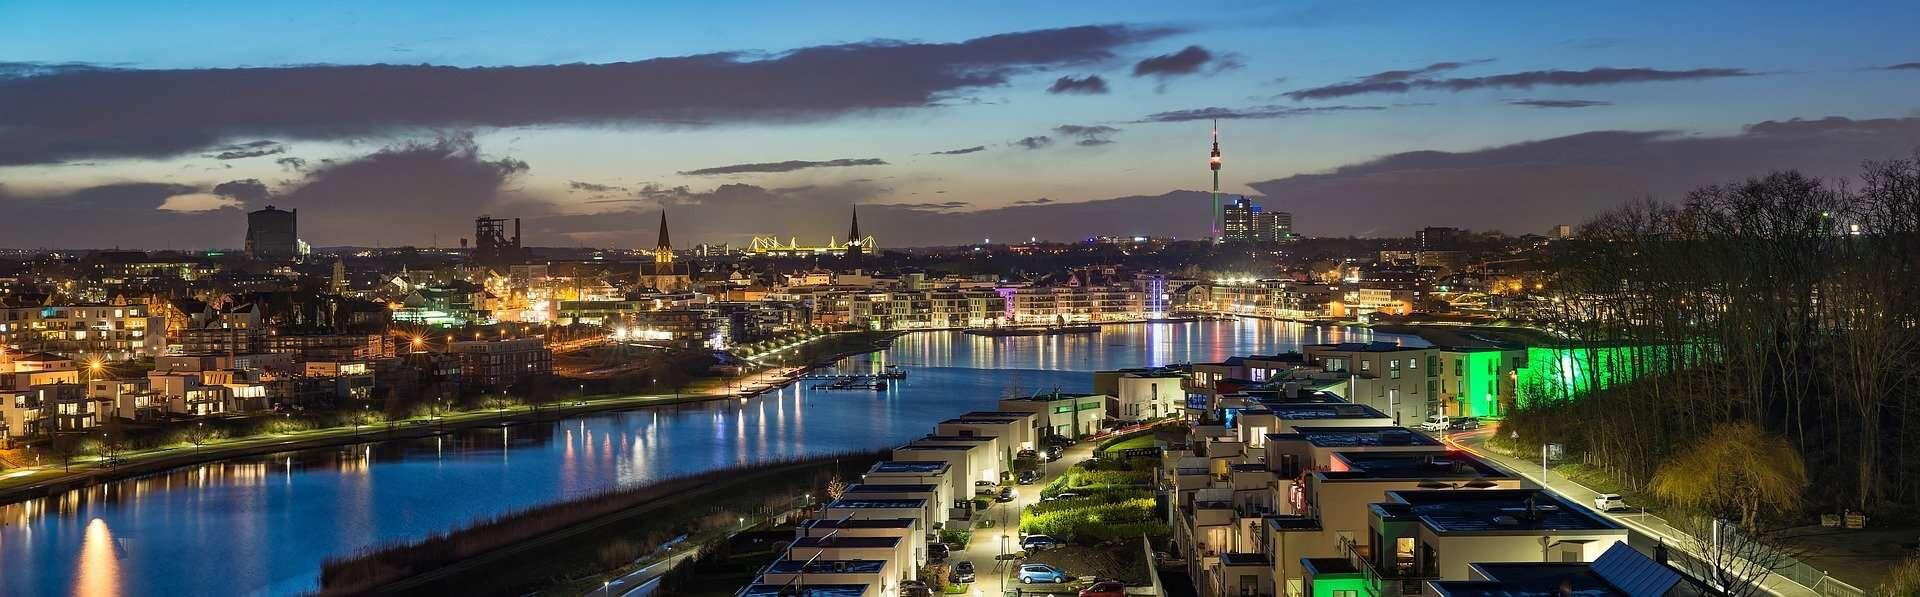 Unabhängige Finanzberatung Dortmund